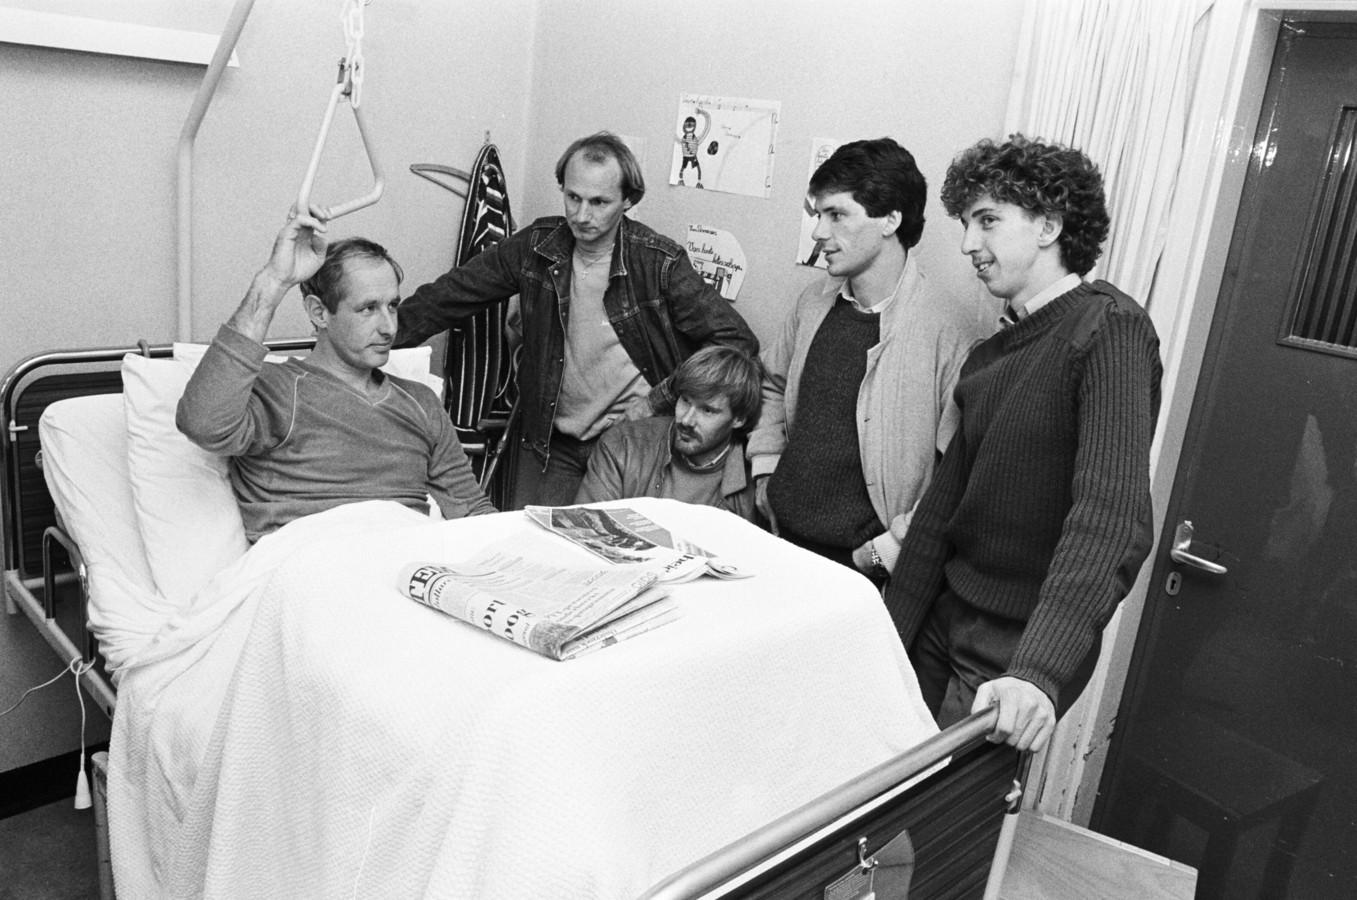 Voormalig NAC-trainer Henk de Jonge krijgt in november 1983 in het Bredase St. Ignatius Ziekenhuis bezoek van de spelers Tom Smits, Koos Waslander, Willy Janssen en Hans van den Dungen.